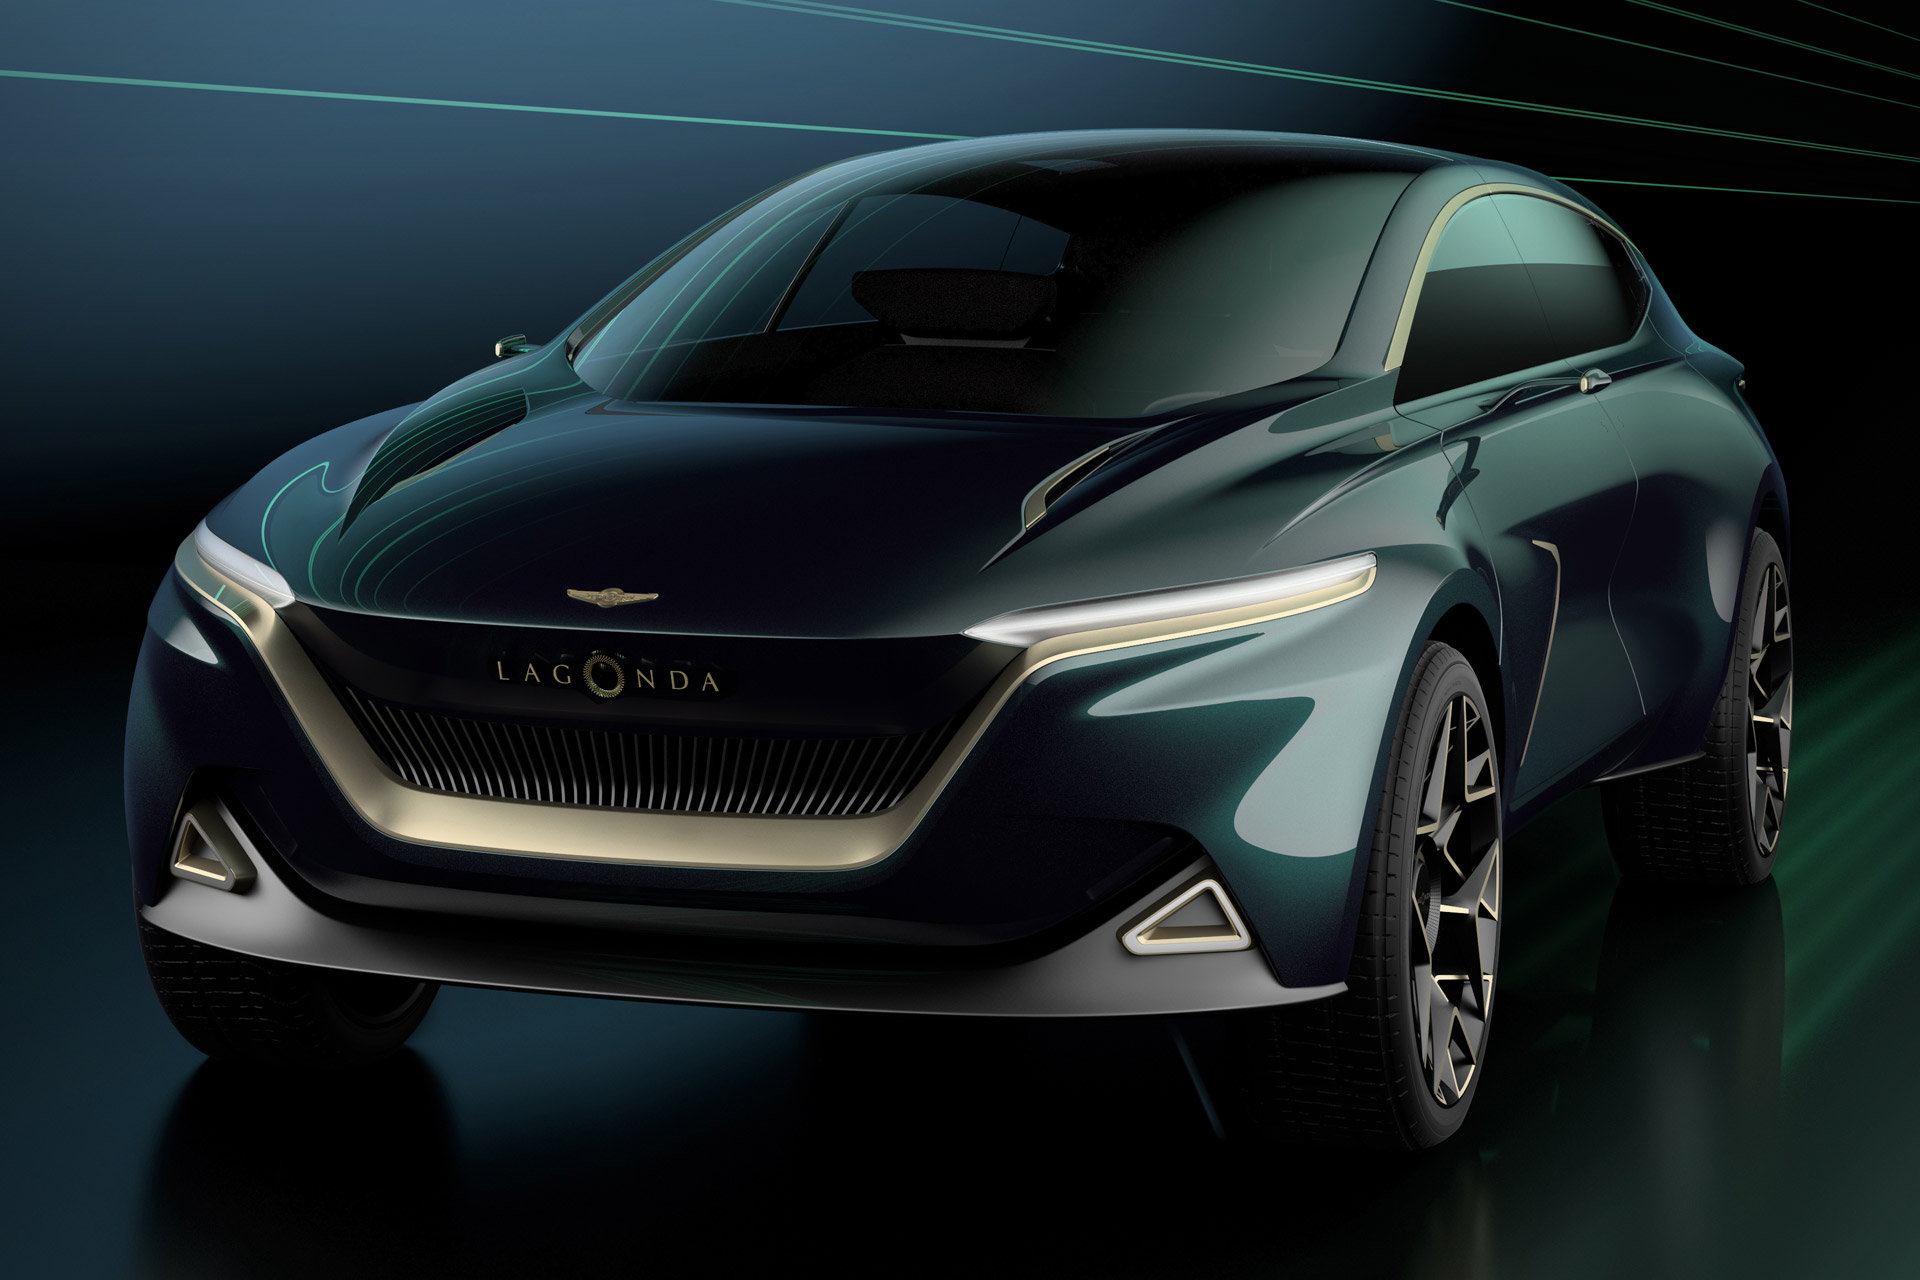 Lagonda All-Terrain Concept SUV